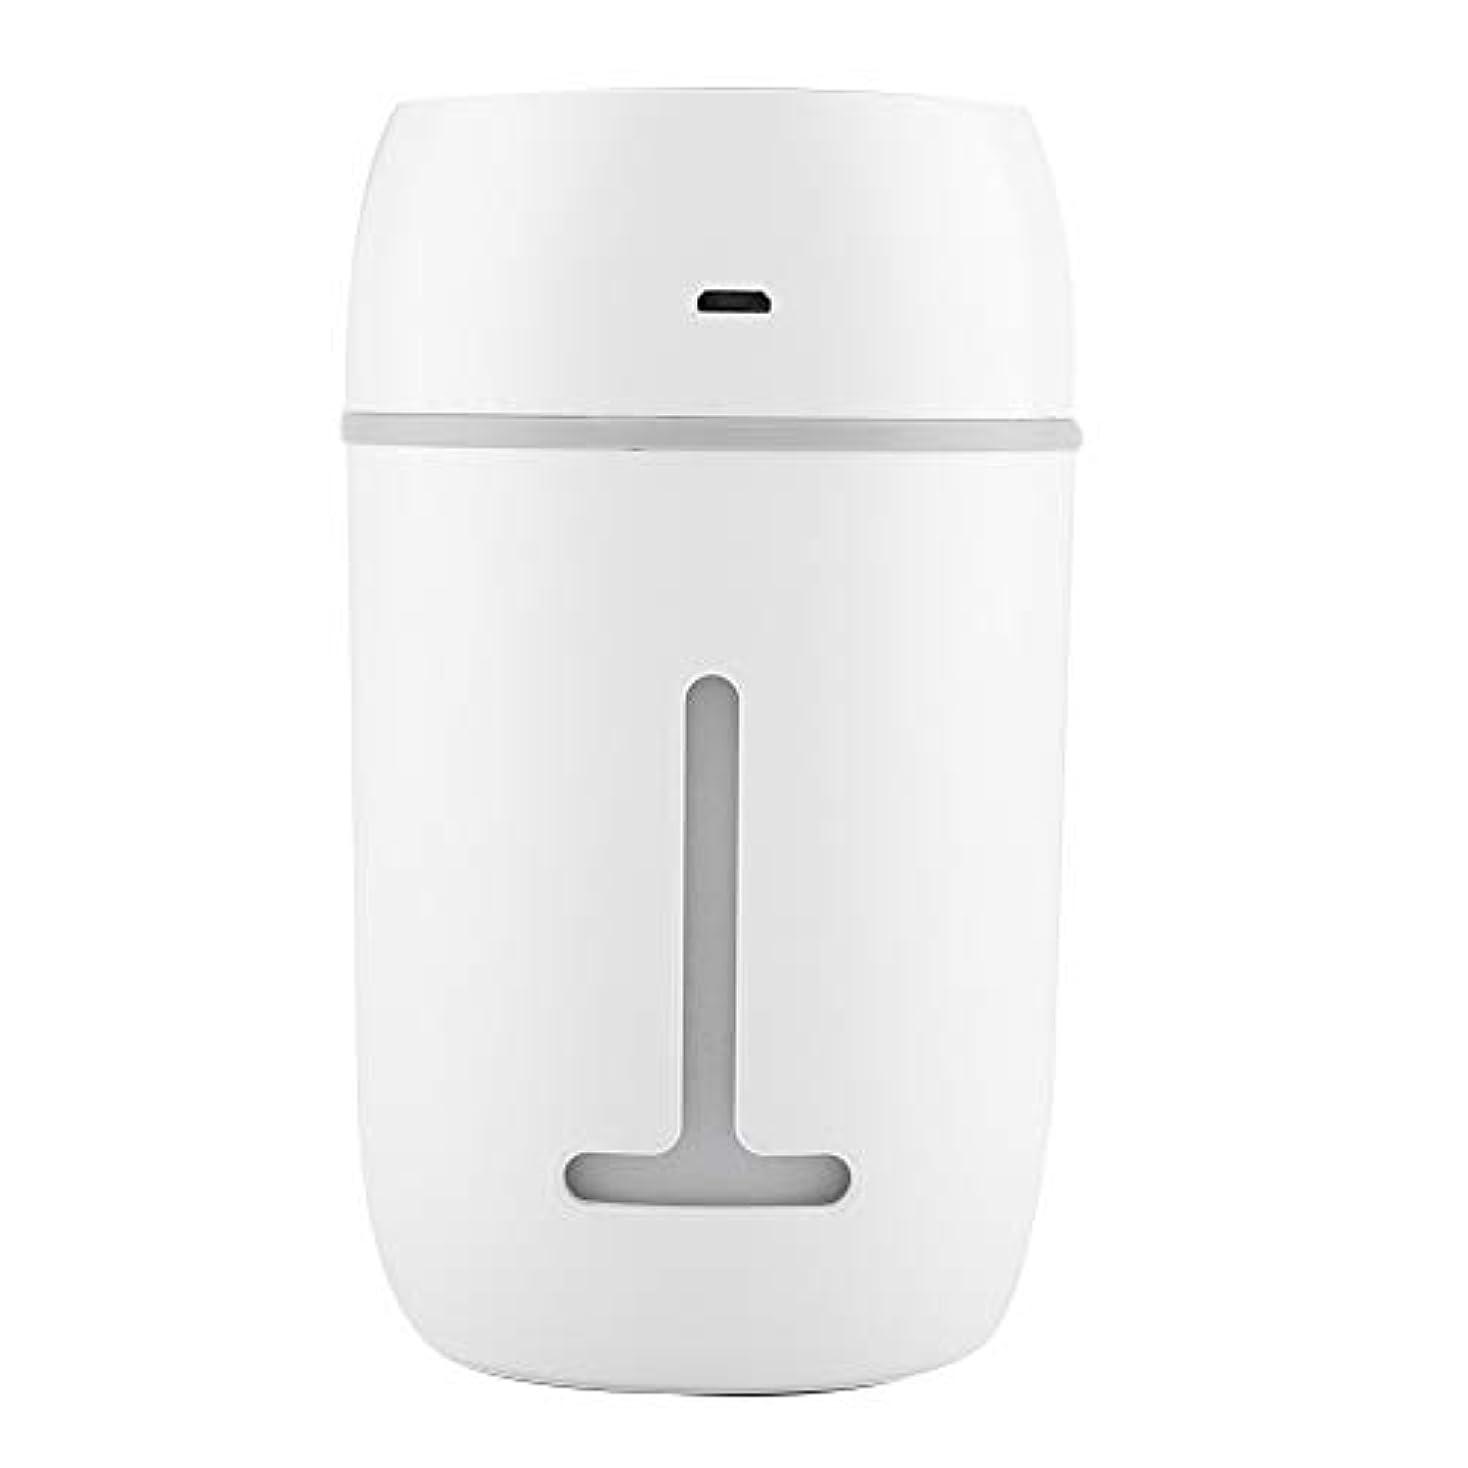 ブロッサム裏切る分析的ミニUSB加湿器、超音波クールミスト加湿器充電式ポータブルカーオフィス加湿器ディフューザー7色LEDライト